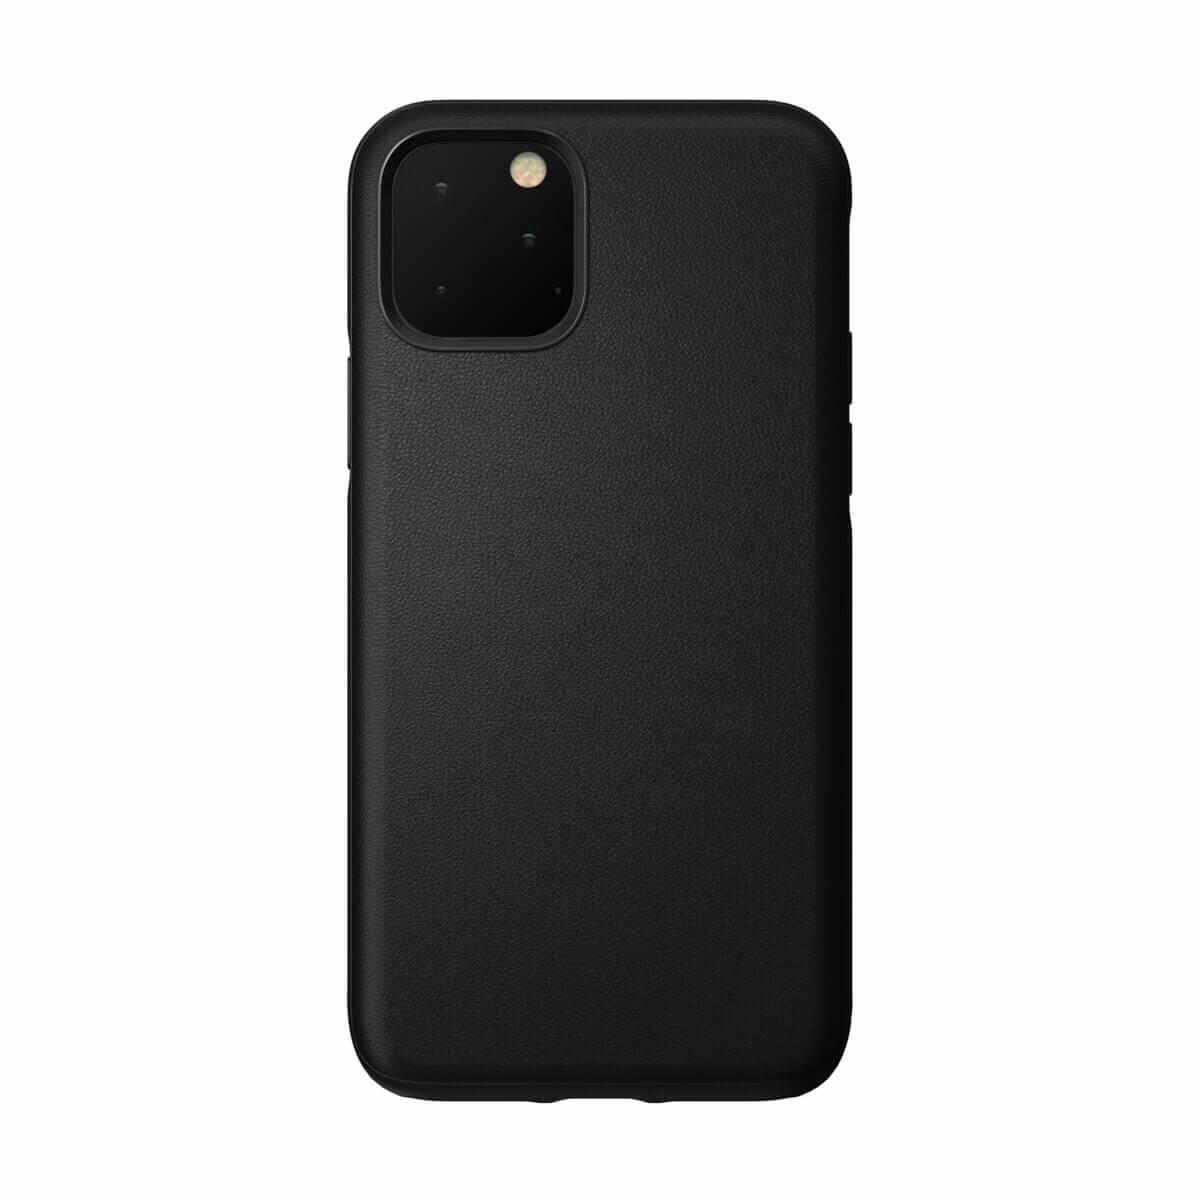 Nomad Leather Rugged Waterproof Case — кожен (естествена кожа) кейс за iPhone 11 Pro (черен) - 1